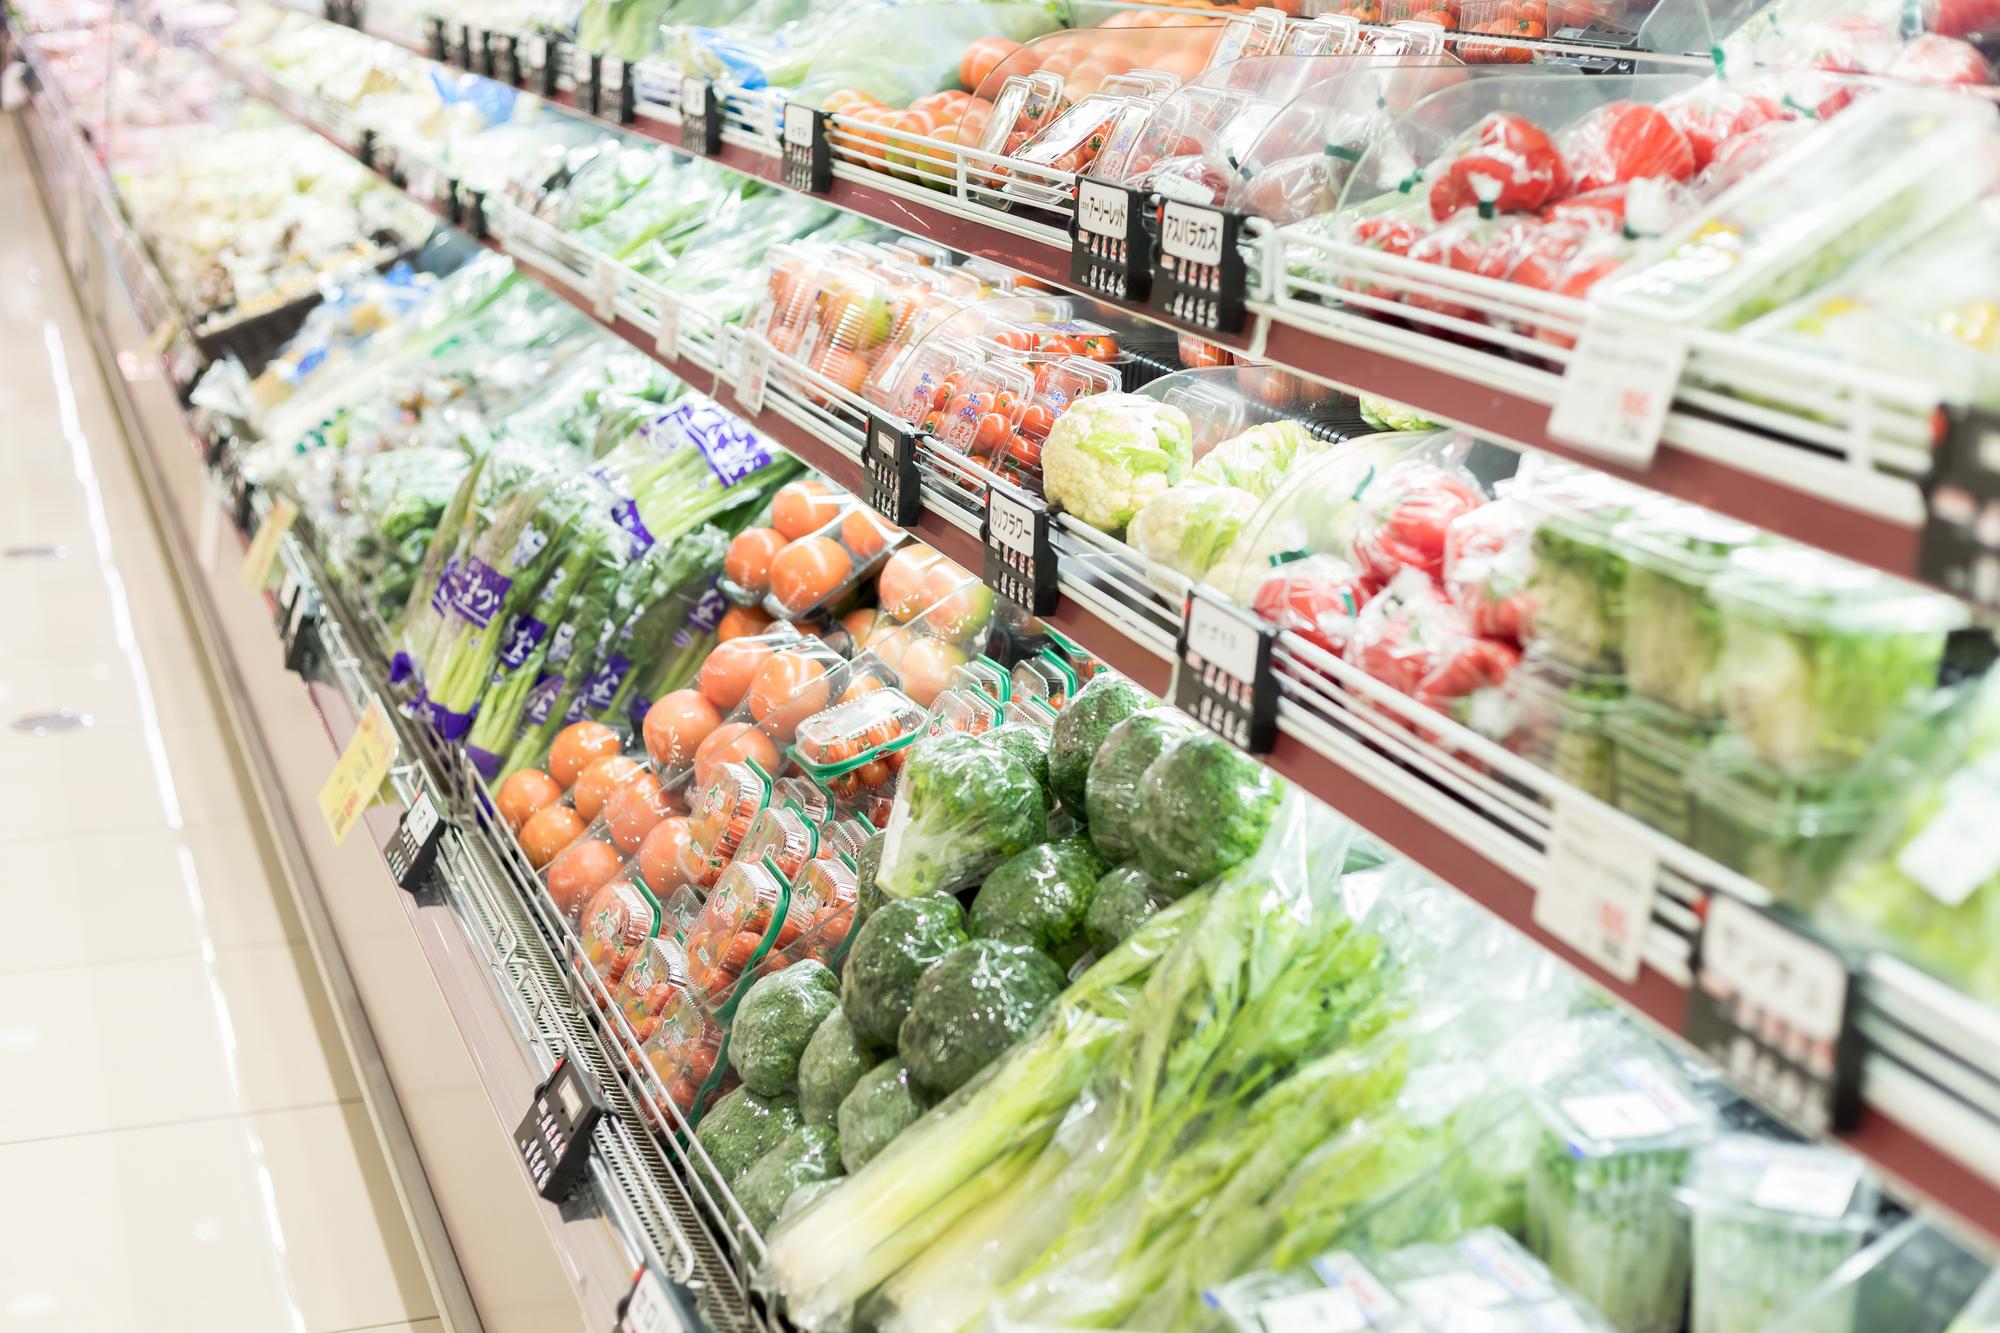 食品ロス 対策方法 ブログ06